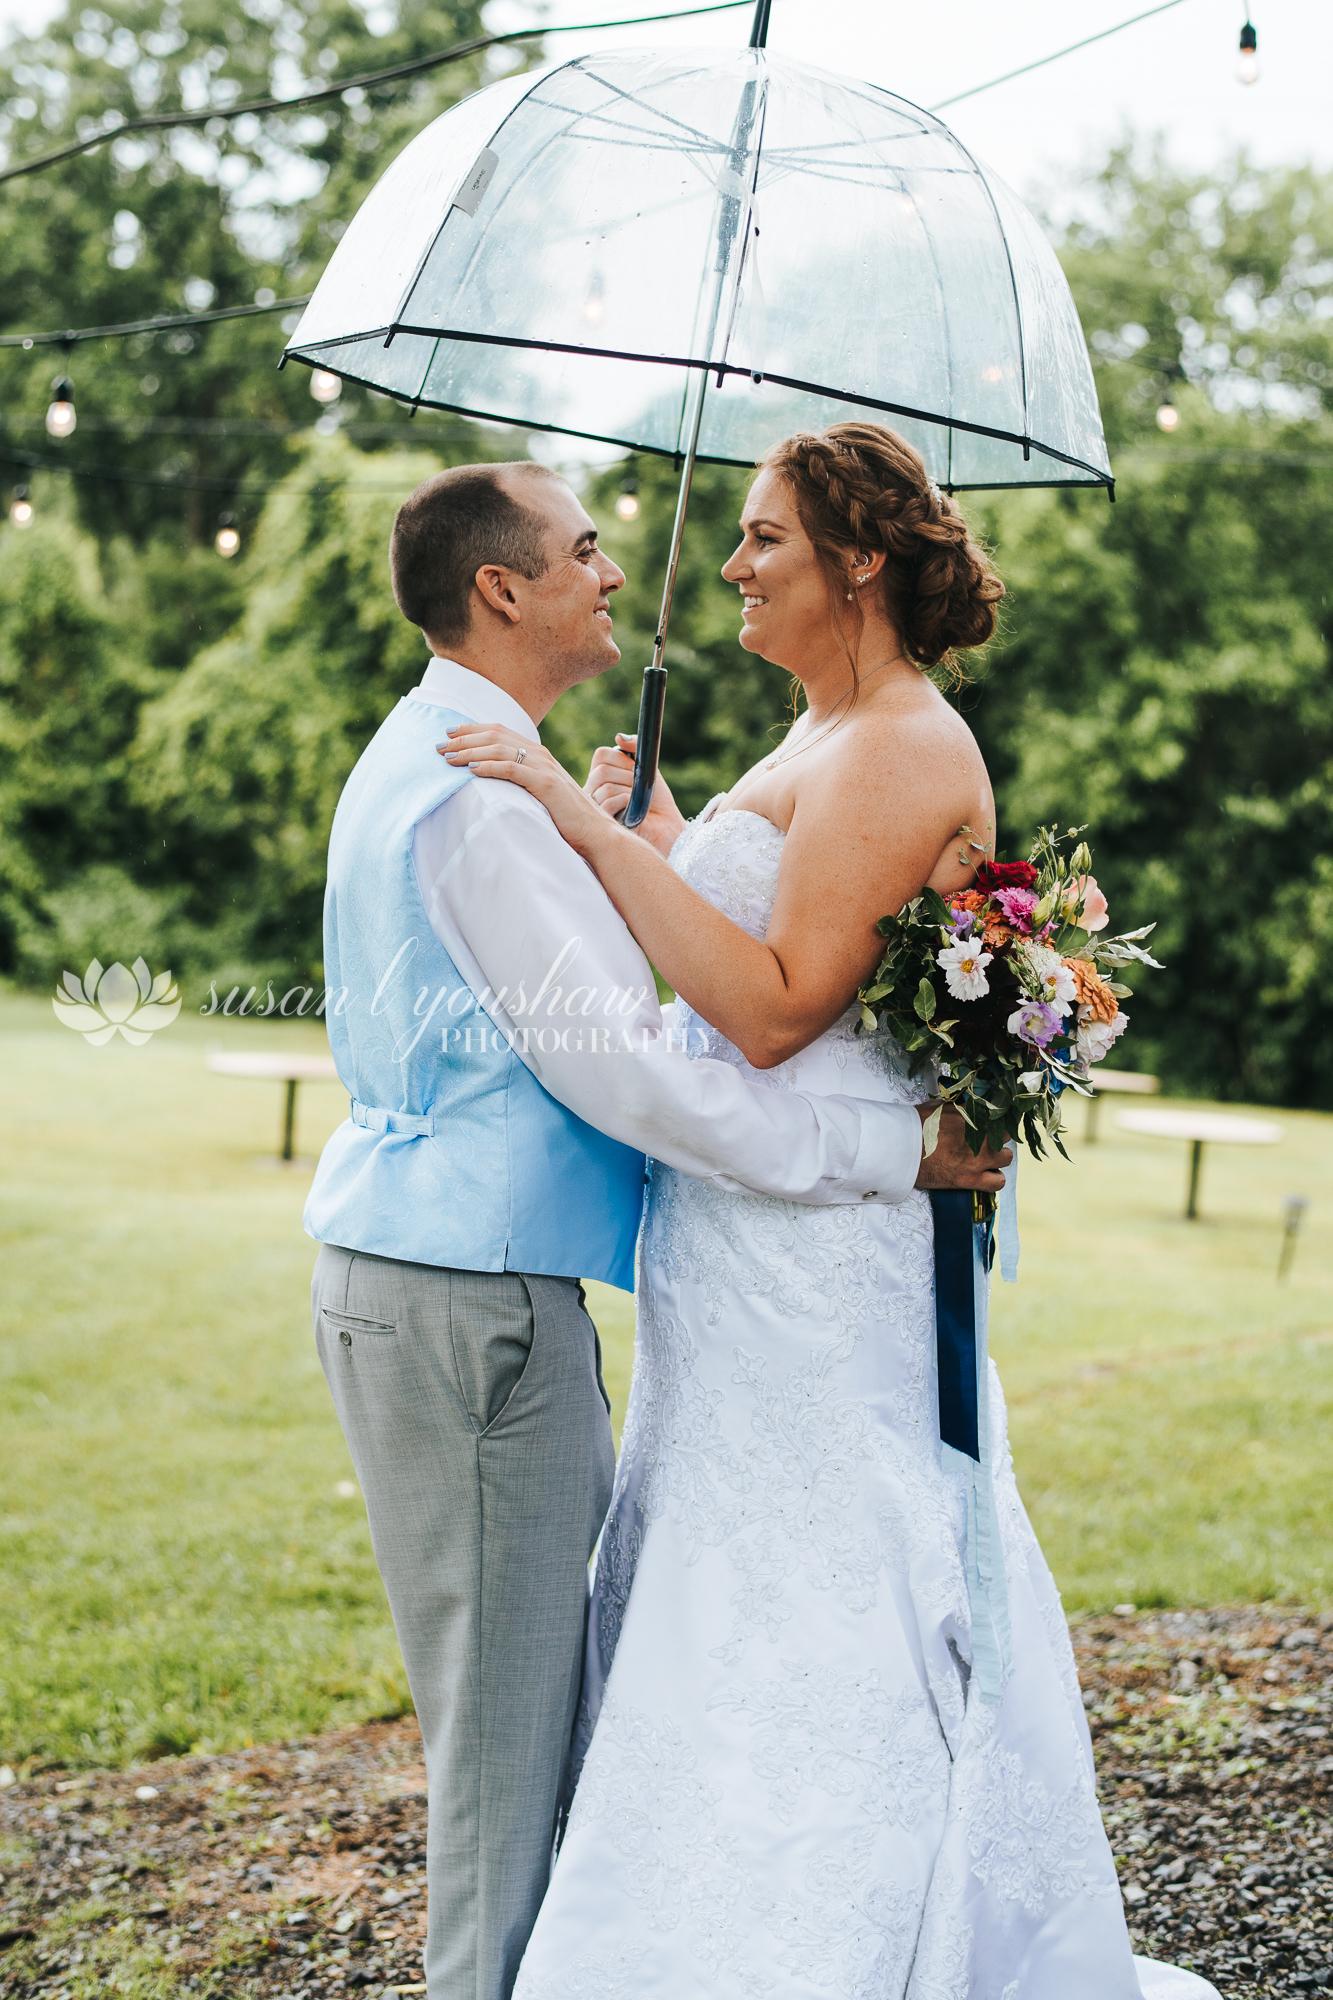 Erin and Jason Wedding Photos 07-06-2019 SLY Photography-112.jpg